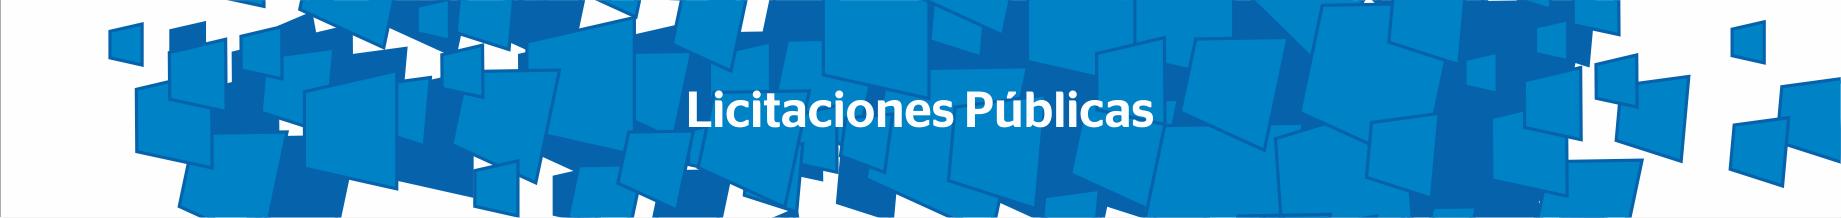 Licitaciones públicas